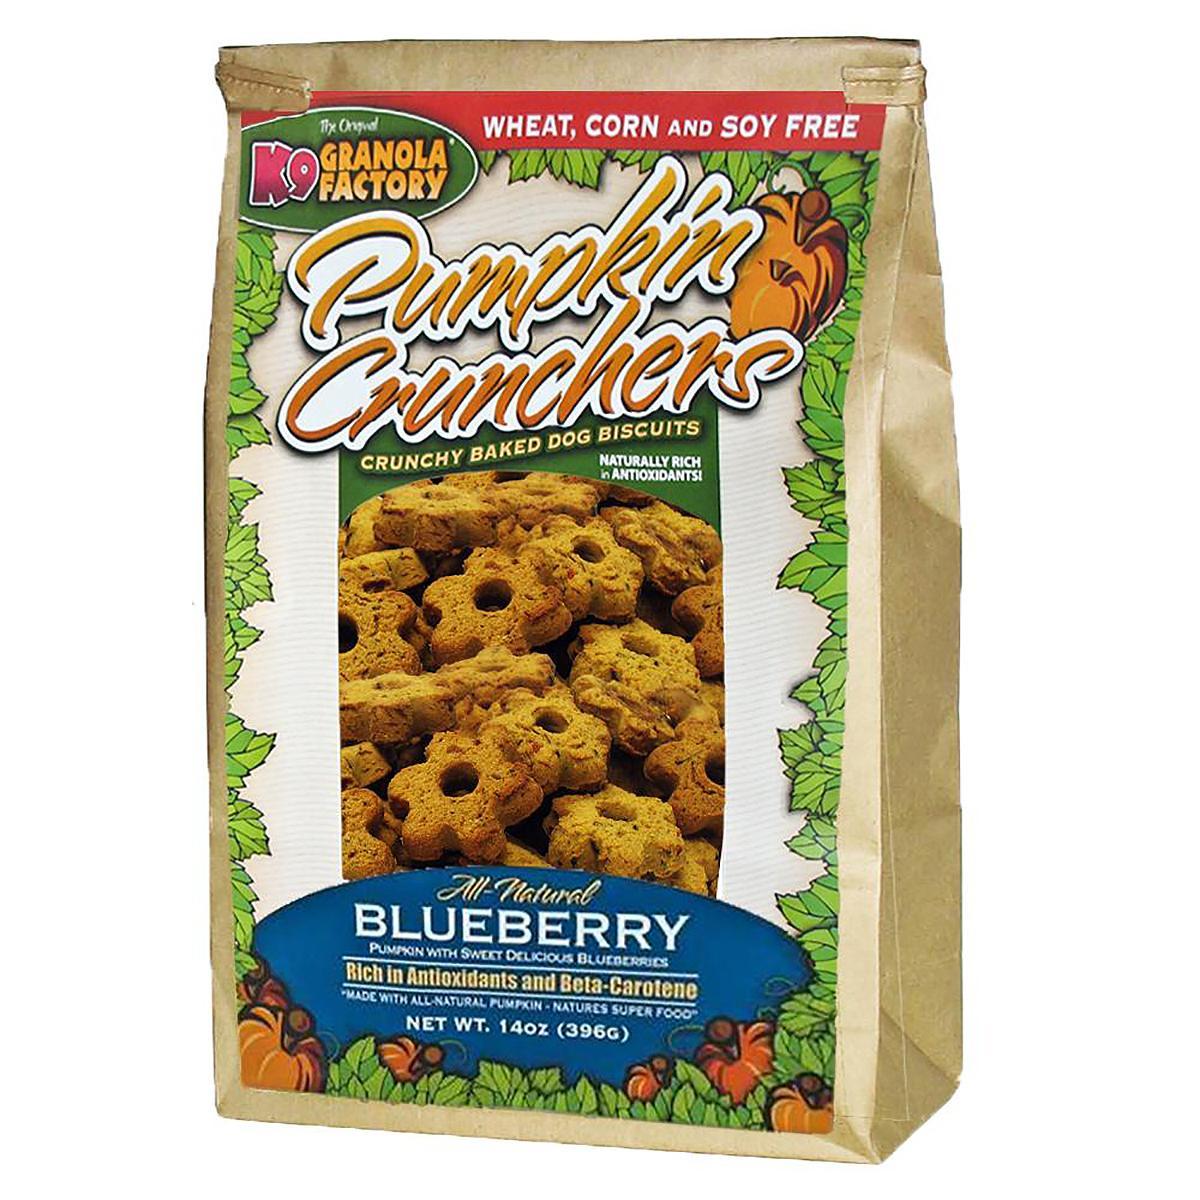 K9 Granola Factory Pumpkin Crunchers Dog Treat - Blueberry